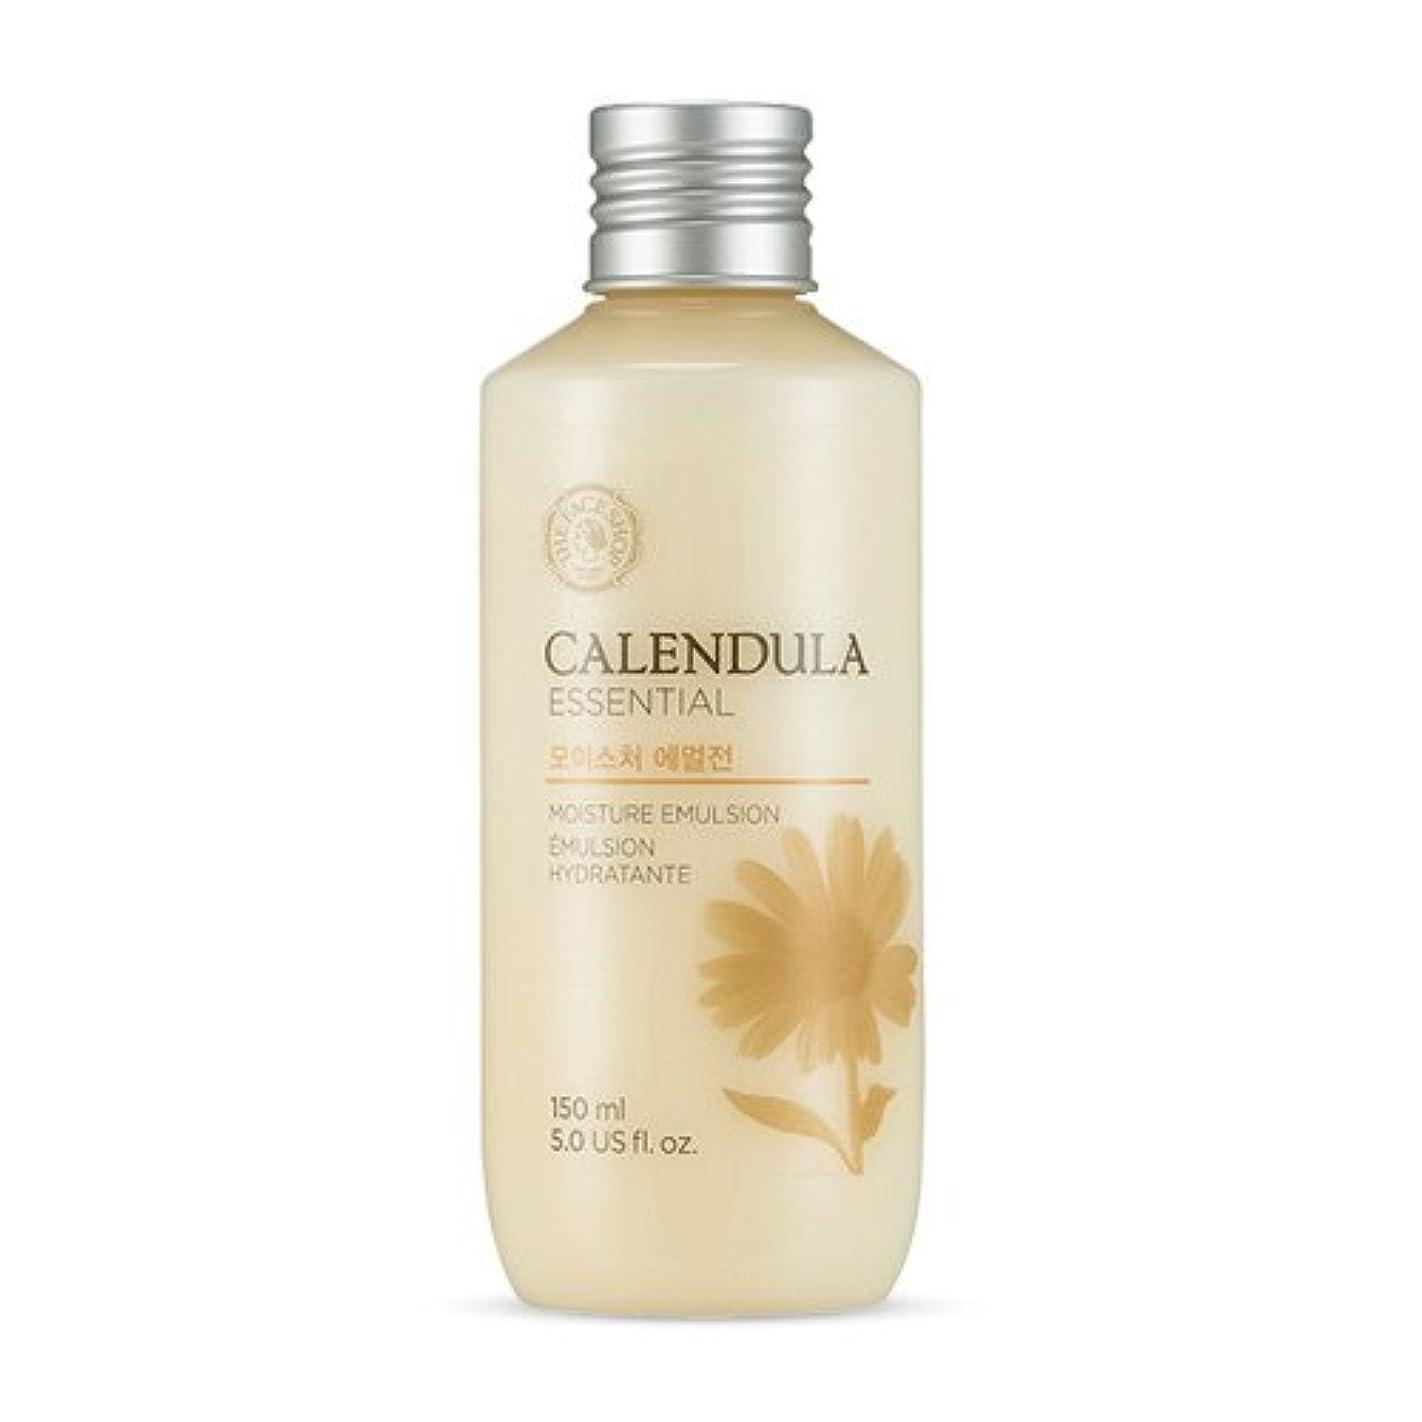 賛美歌繁雑雇用者THE FACE SHOP Calendula Essential Moisture Emulsion 150ml/ザフェイスショップ カレンデュラ エッセンシャル モイスチャー エマルジョン 150ml